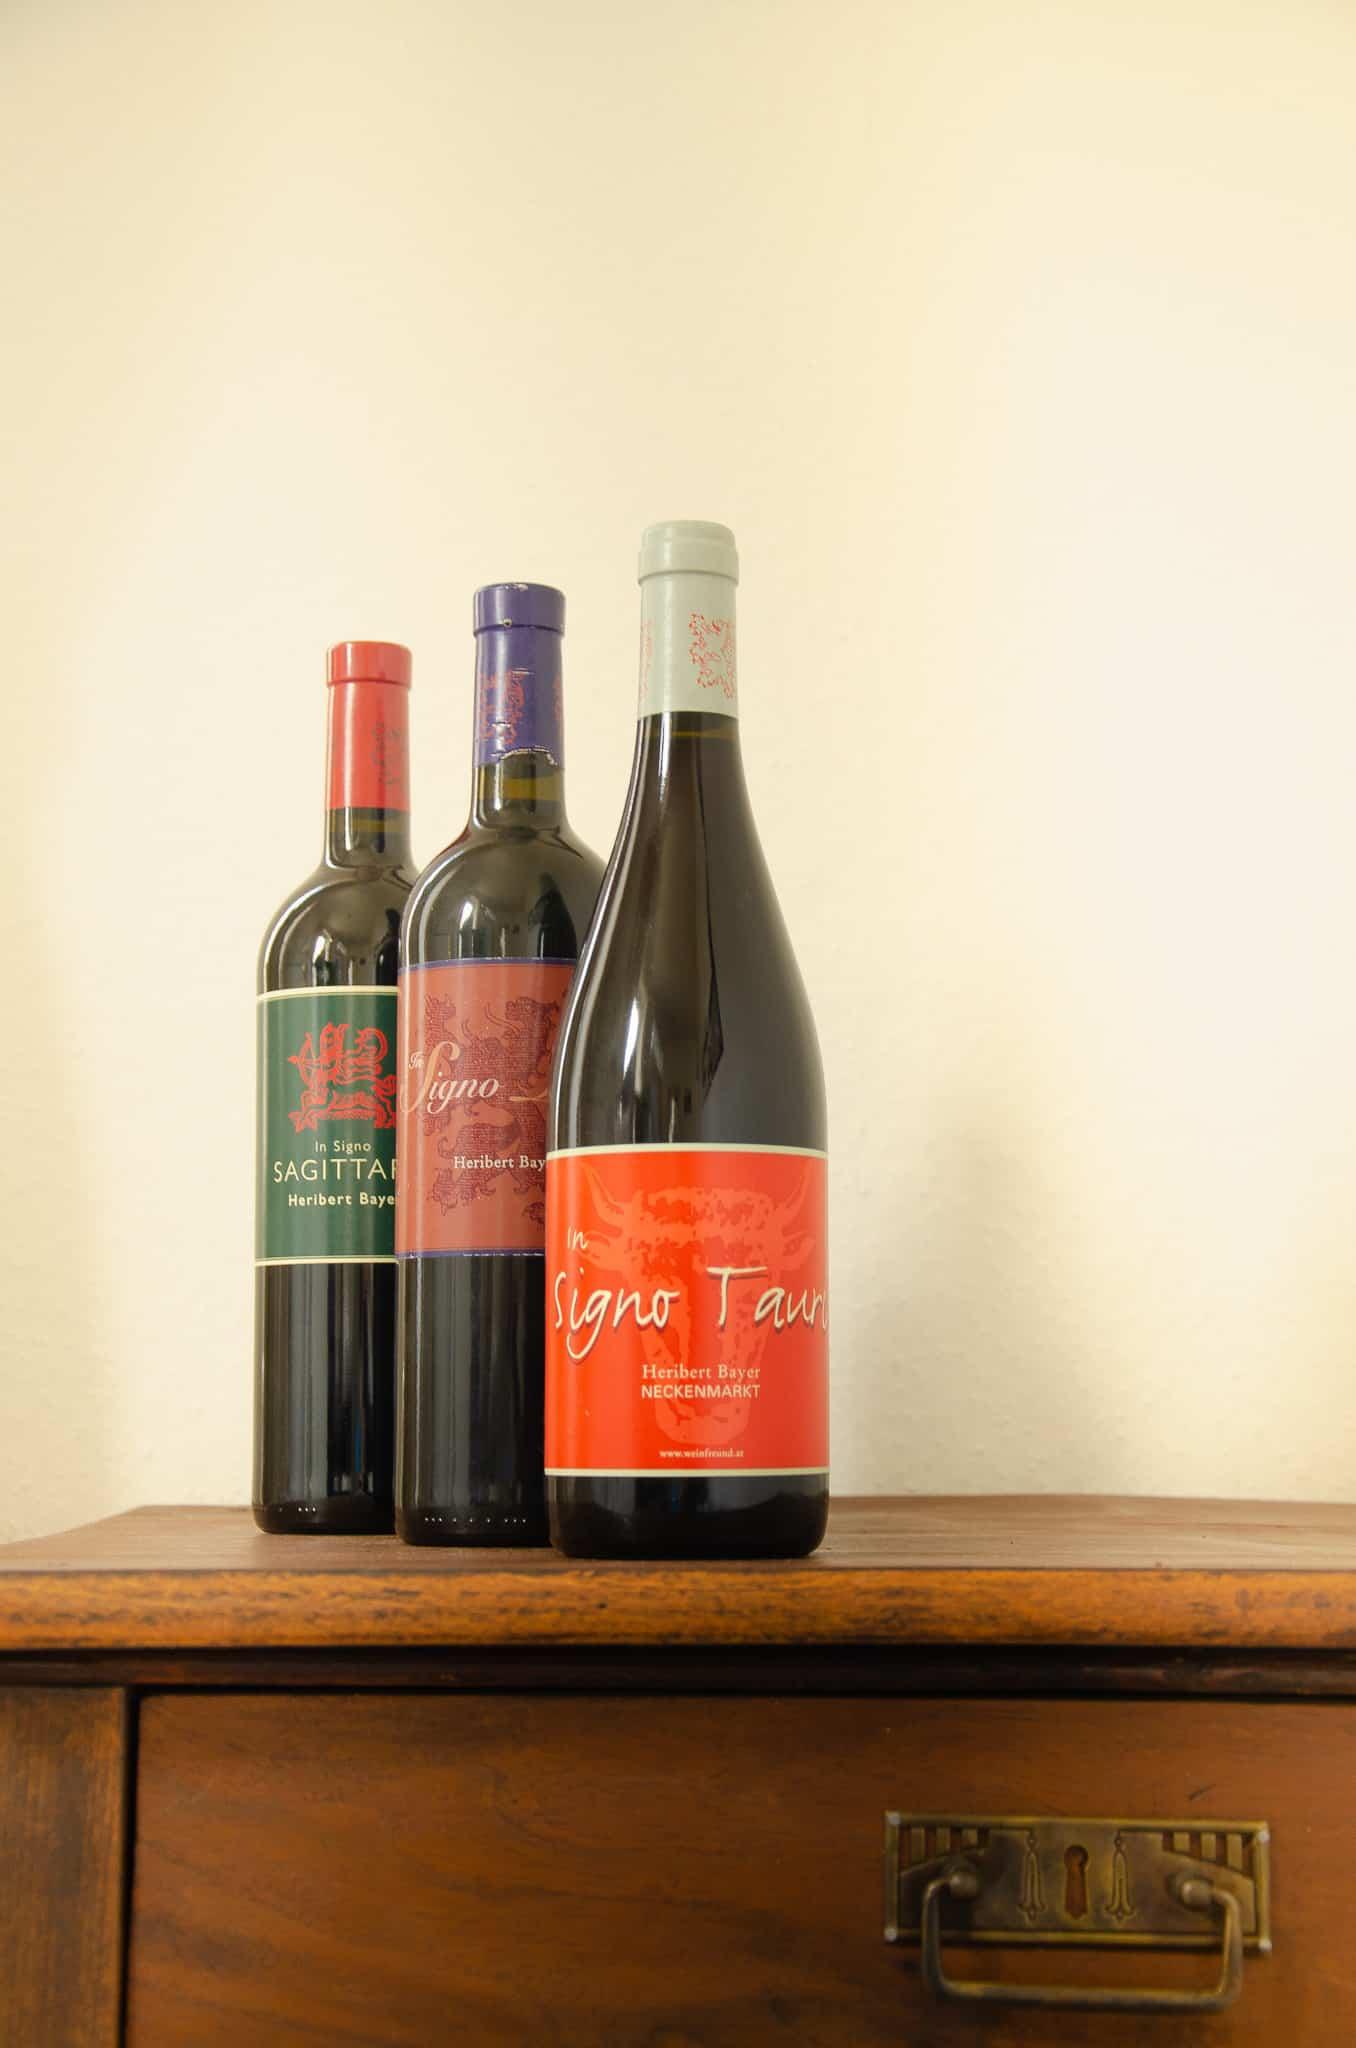 Rotweinflasche In Signo Tauri, Cuvée In Signo Leonis und Blaufränkisch In Signo Sagittarii